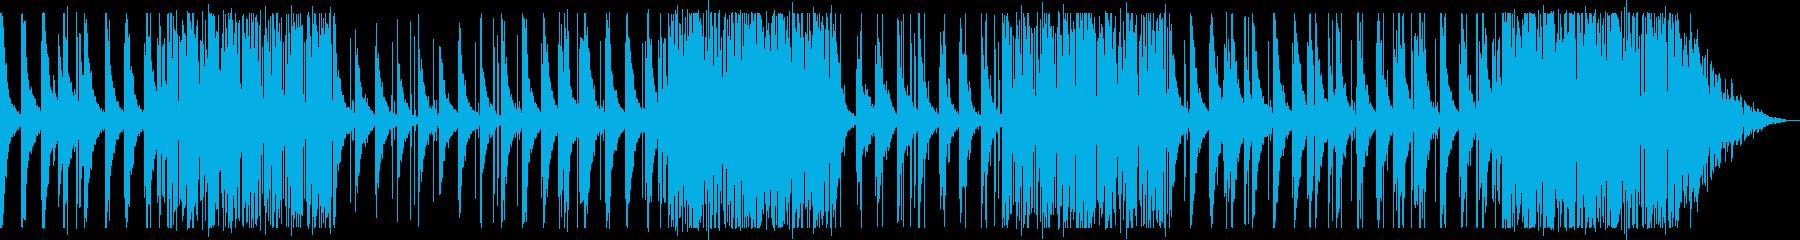 寂しげ/夜空/R&B_No447の再生済みの波形